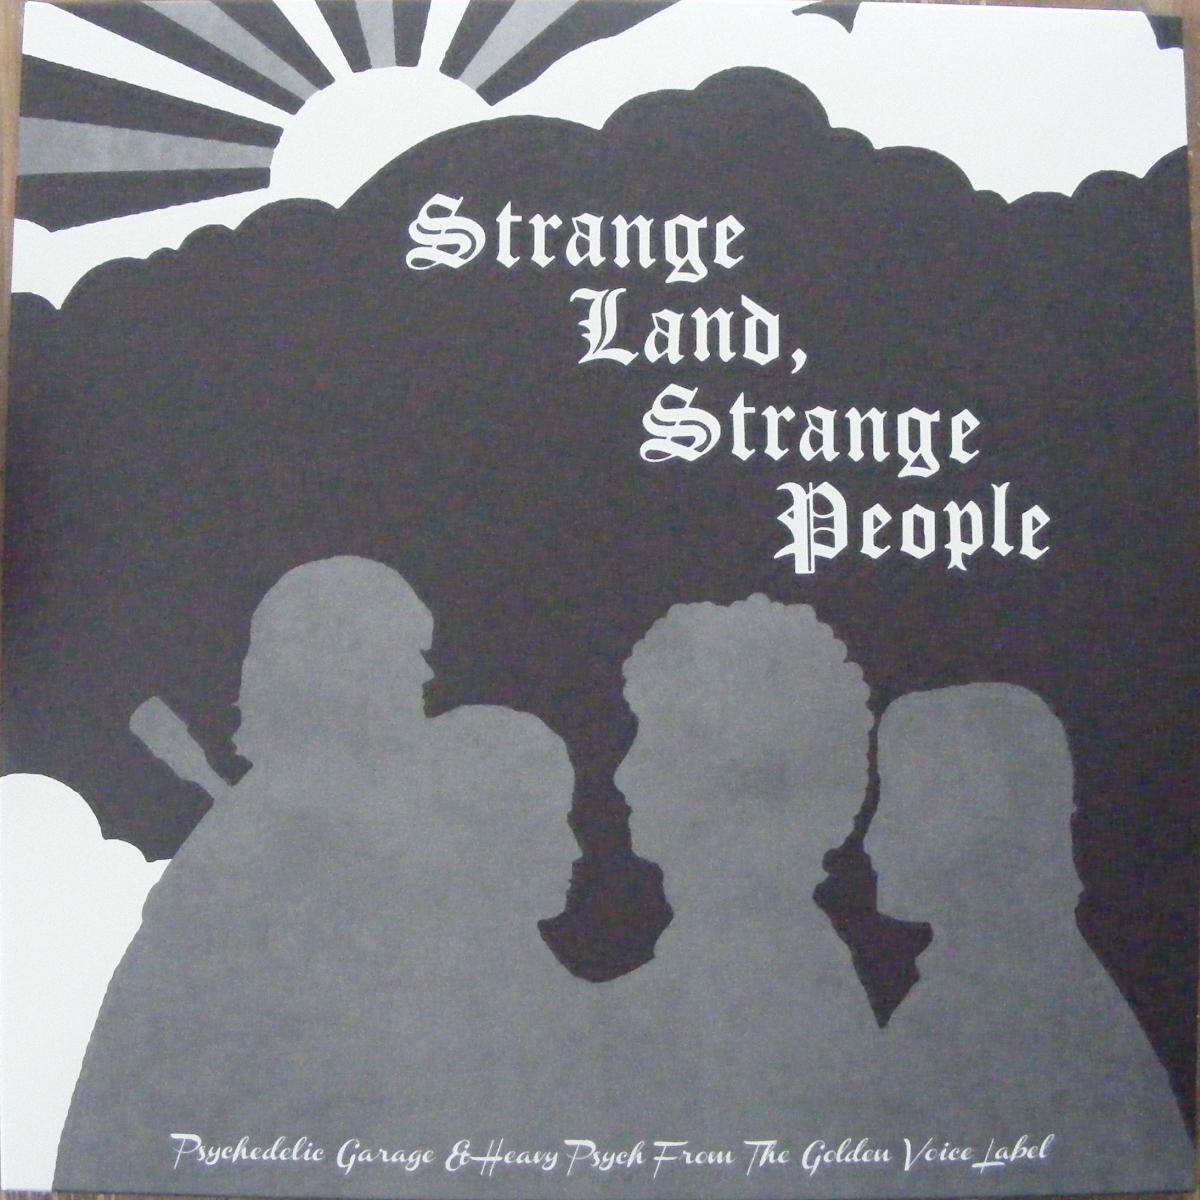 ¿Qué estáis escuchando ahora? - Página 11 L-2014strangelandstrangepeople-lp-cover1